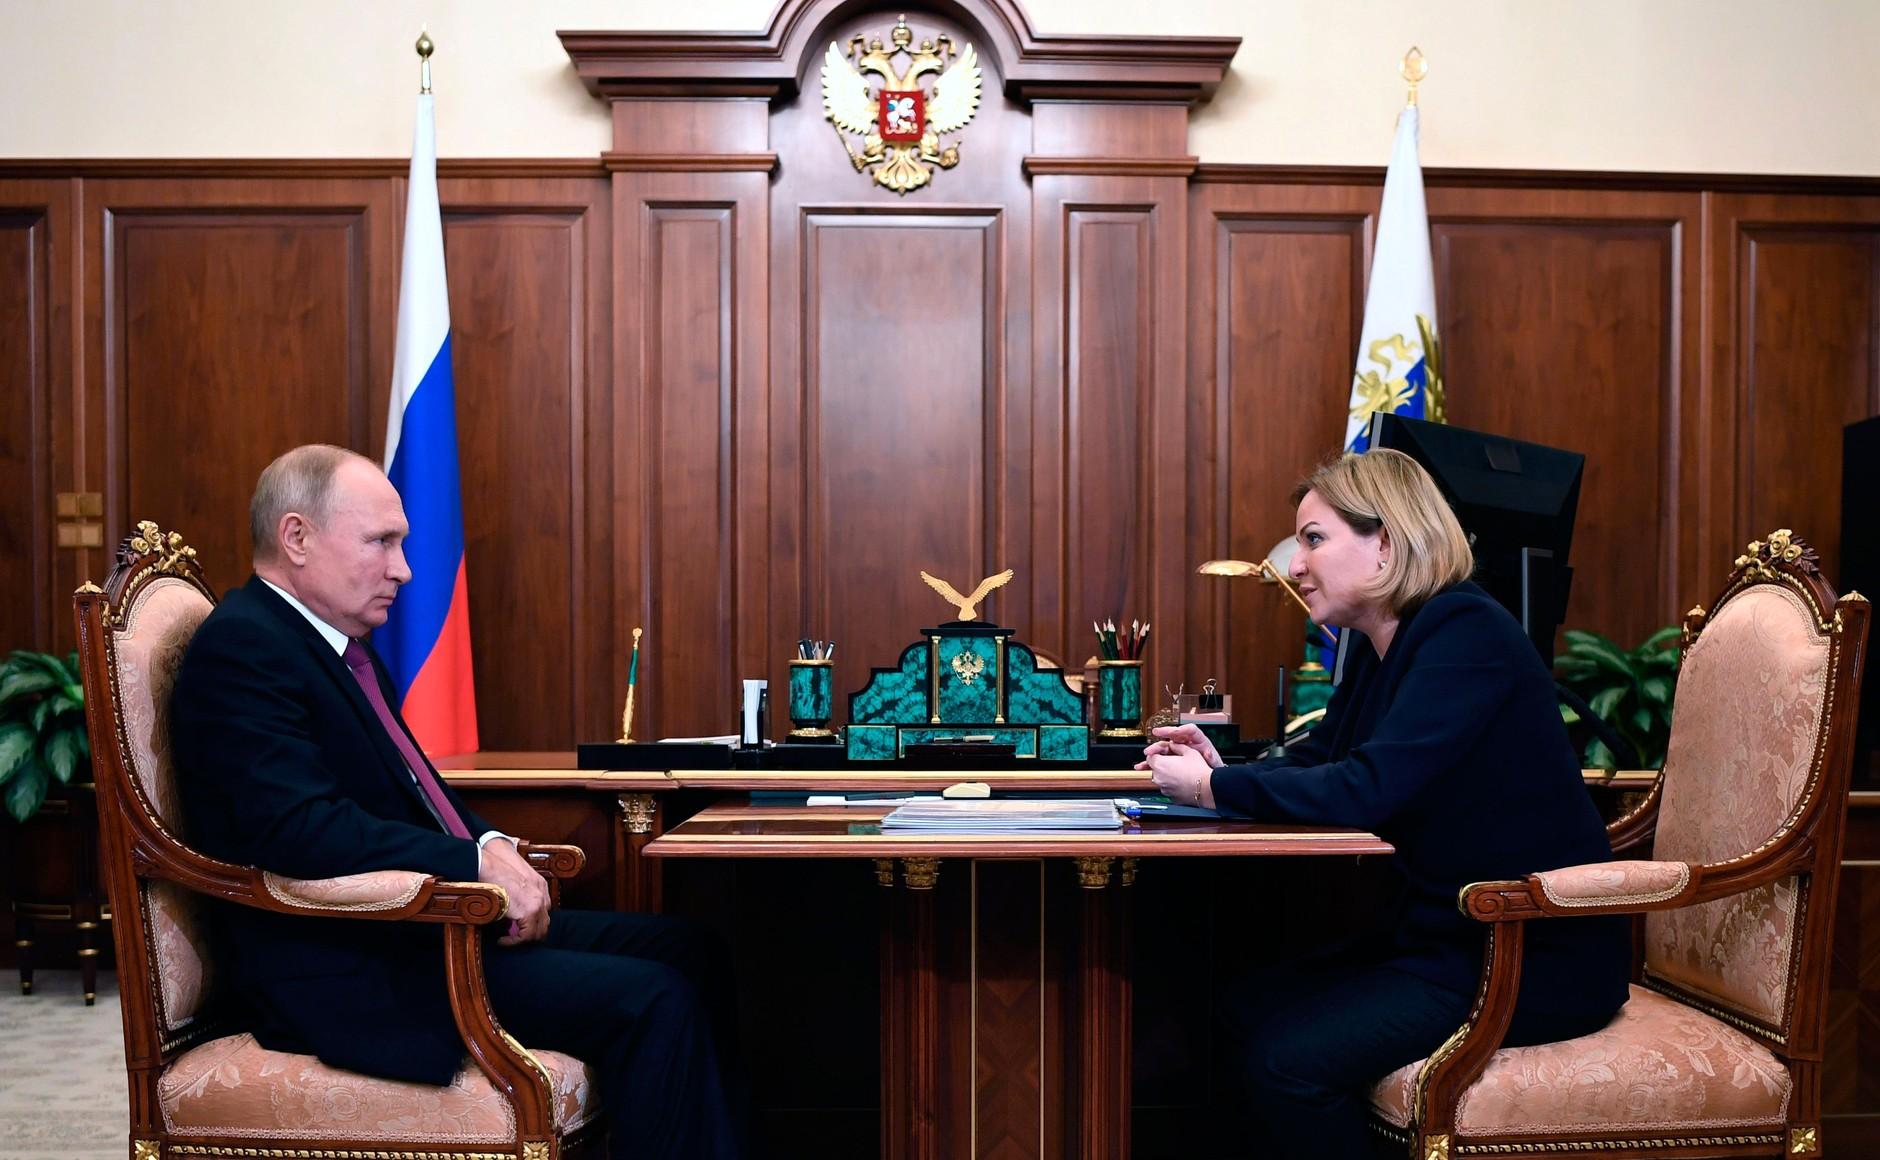 KREMLIN PH 1 SUR 3 DU 07.12.2020 Rencontre avec la ministre de la Culture Olga Lyubimova